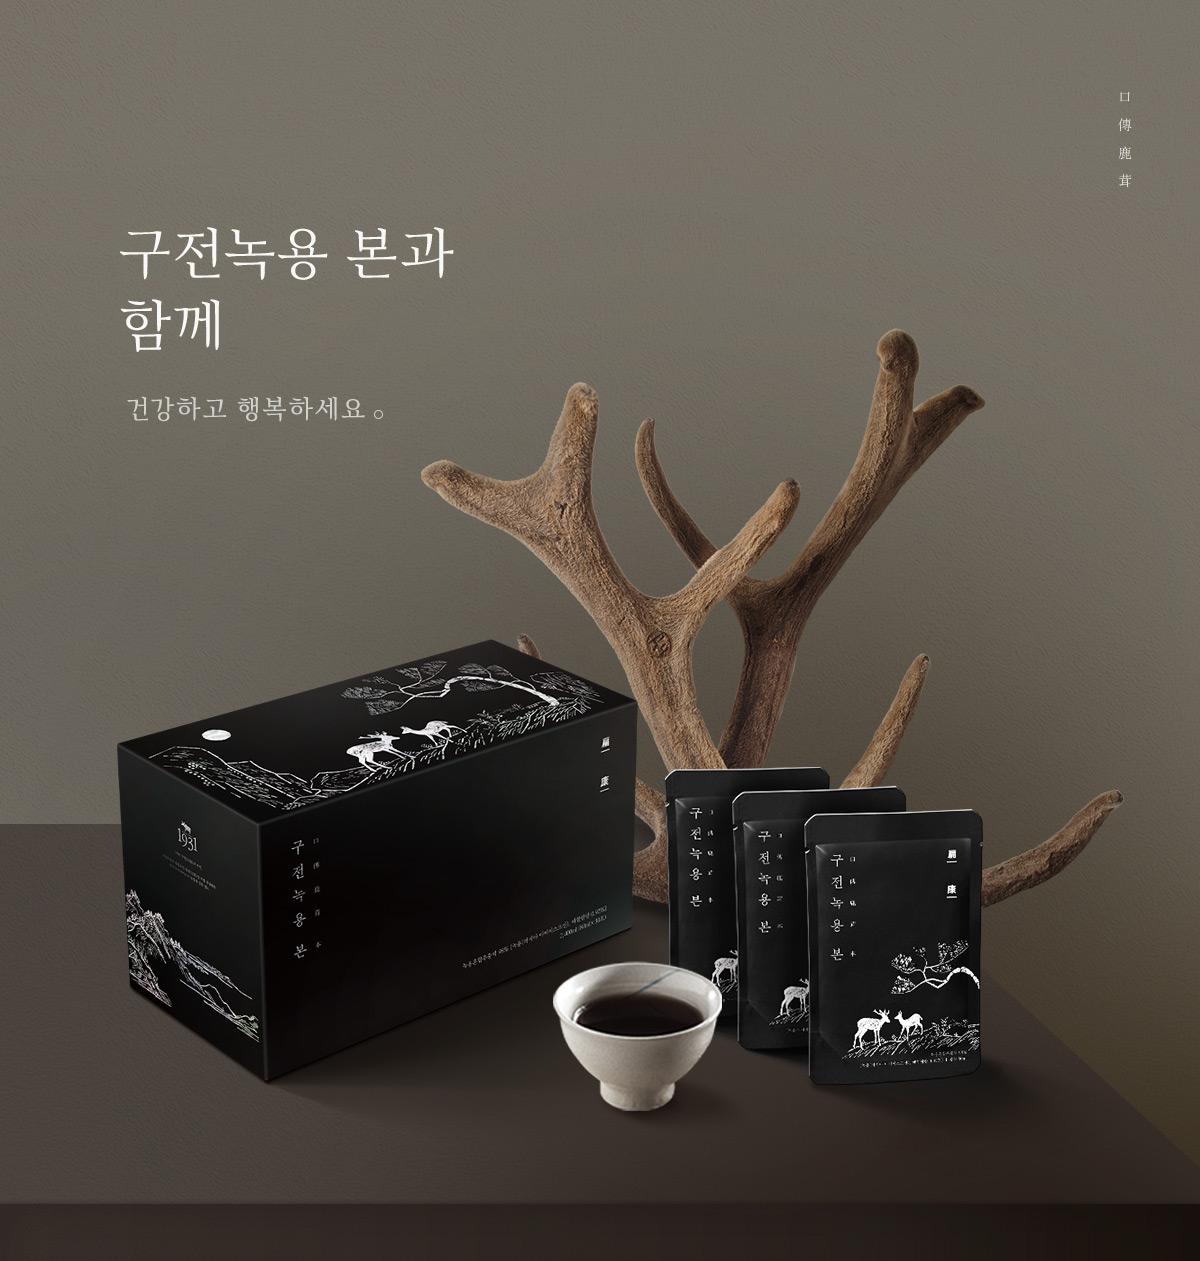 구전녹용 본 유정.